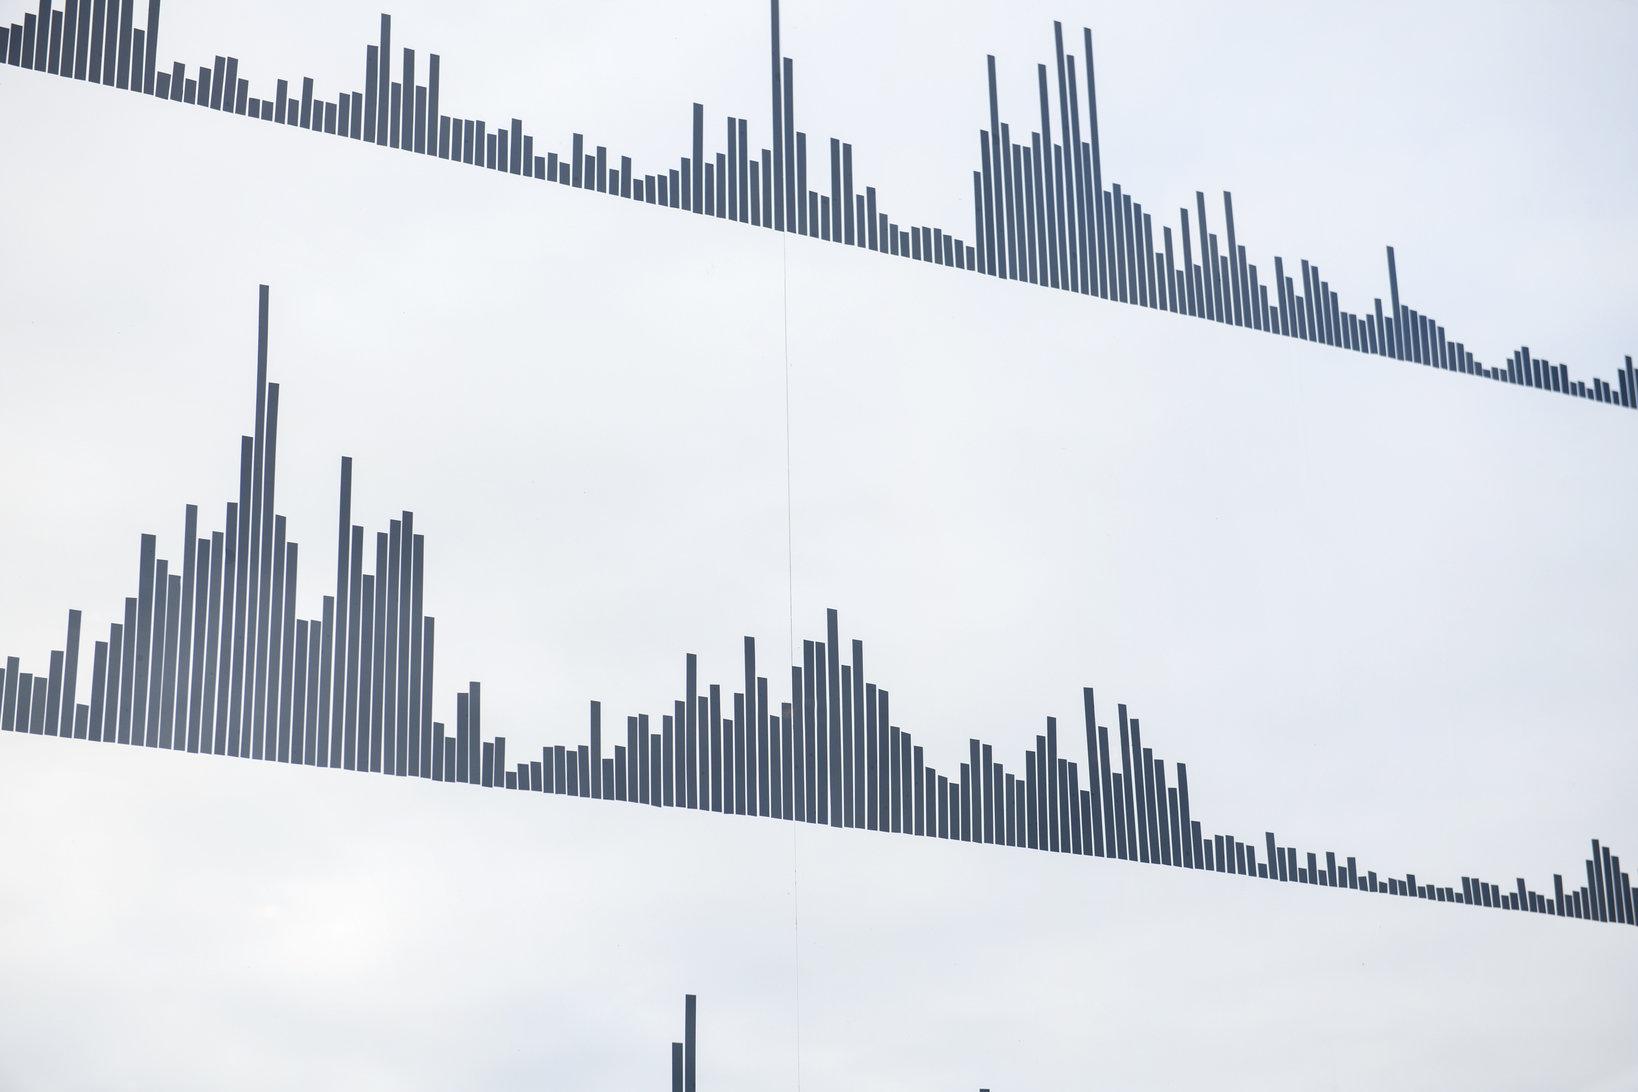 横浜象の鼻テラスで開催されたリュウ・ジーホン展「MONOCHROME」。絵や店内に流すBGMを手がけた。作品には繁華街やボートのイメージが凝縮されており、絵とBGMはリンクしている。この展示会は、世界のクリエイティブな港町をつなぐ「ポート・ジャーニー・プロジェクト」の一つとして実施された。